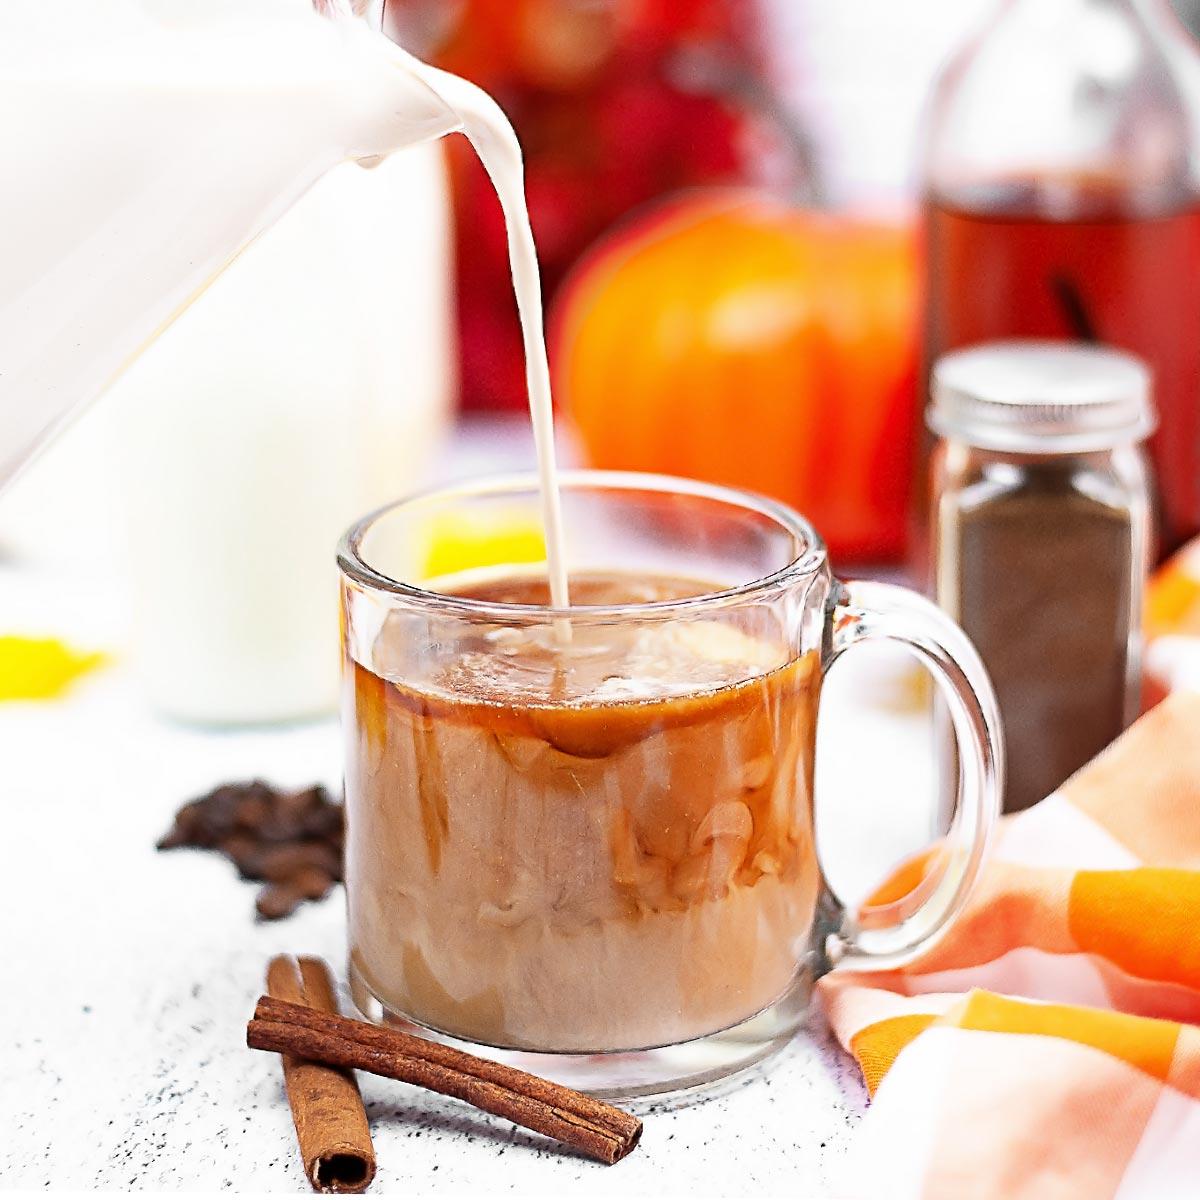 Pouring Sugar-Free Pumpkin Spice Creamer into Coffee